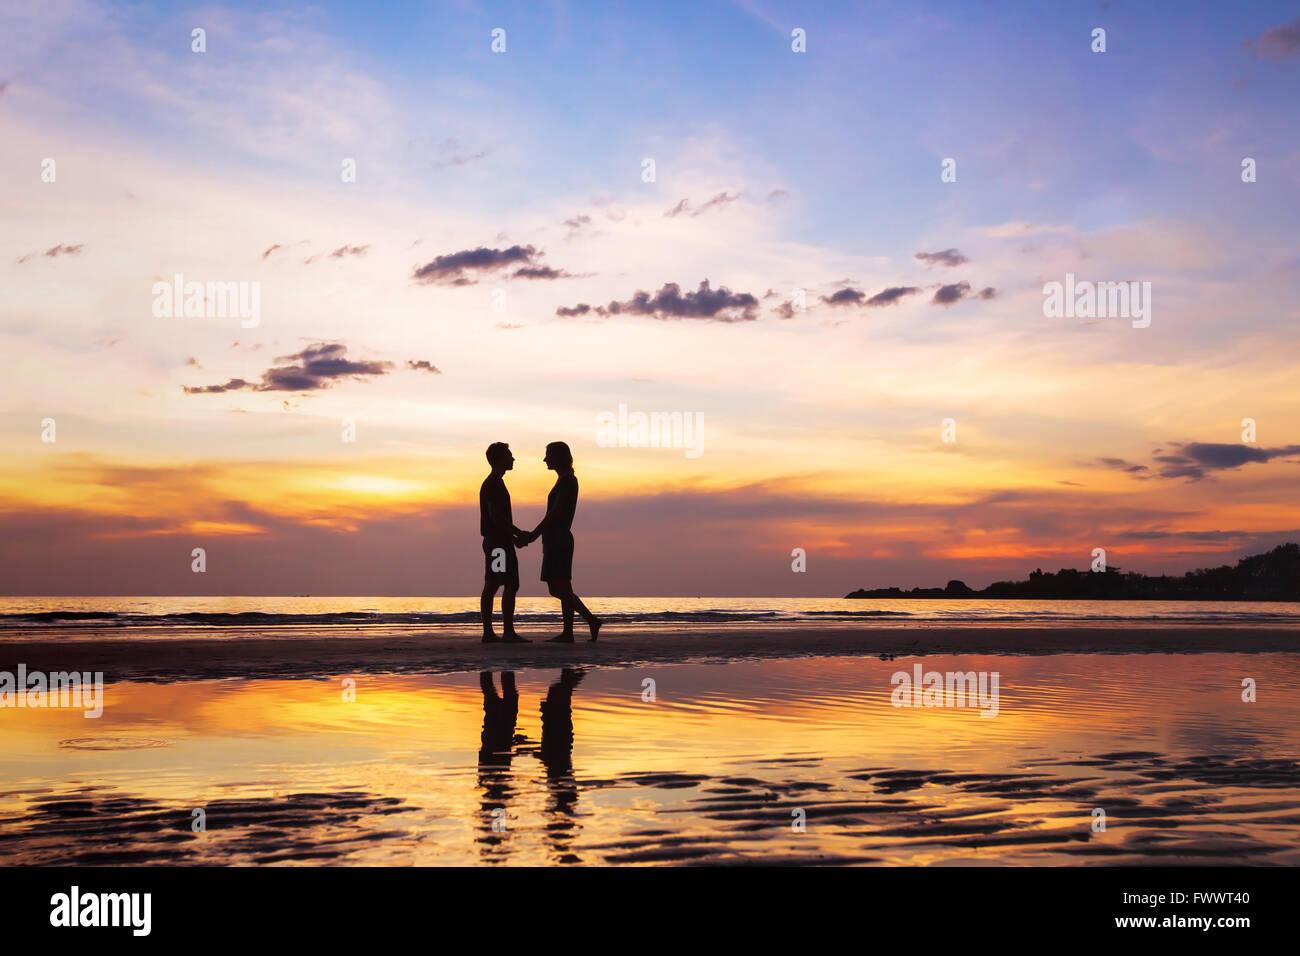 Silhouette de friends sur la plage au coucher du soleil, l'amour, l'homme et de la femme, beau fonds de Photo Stock